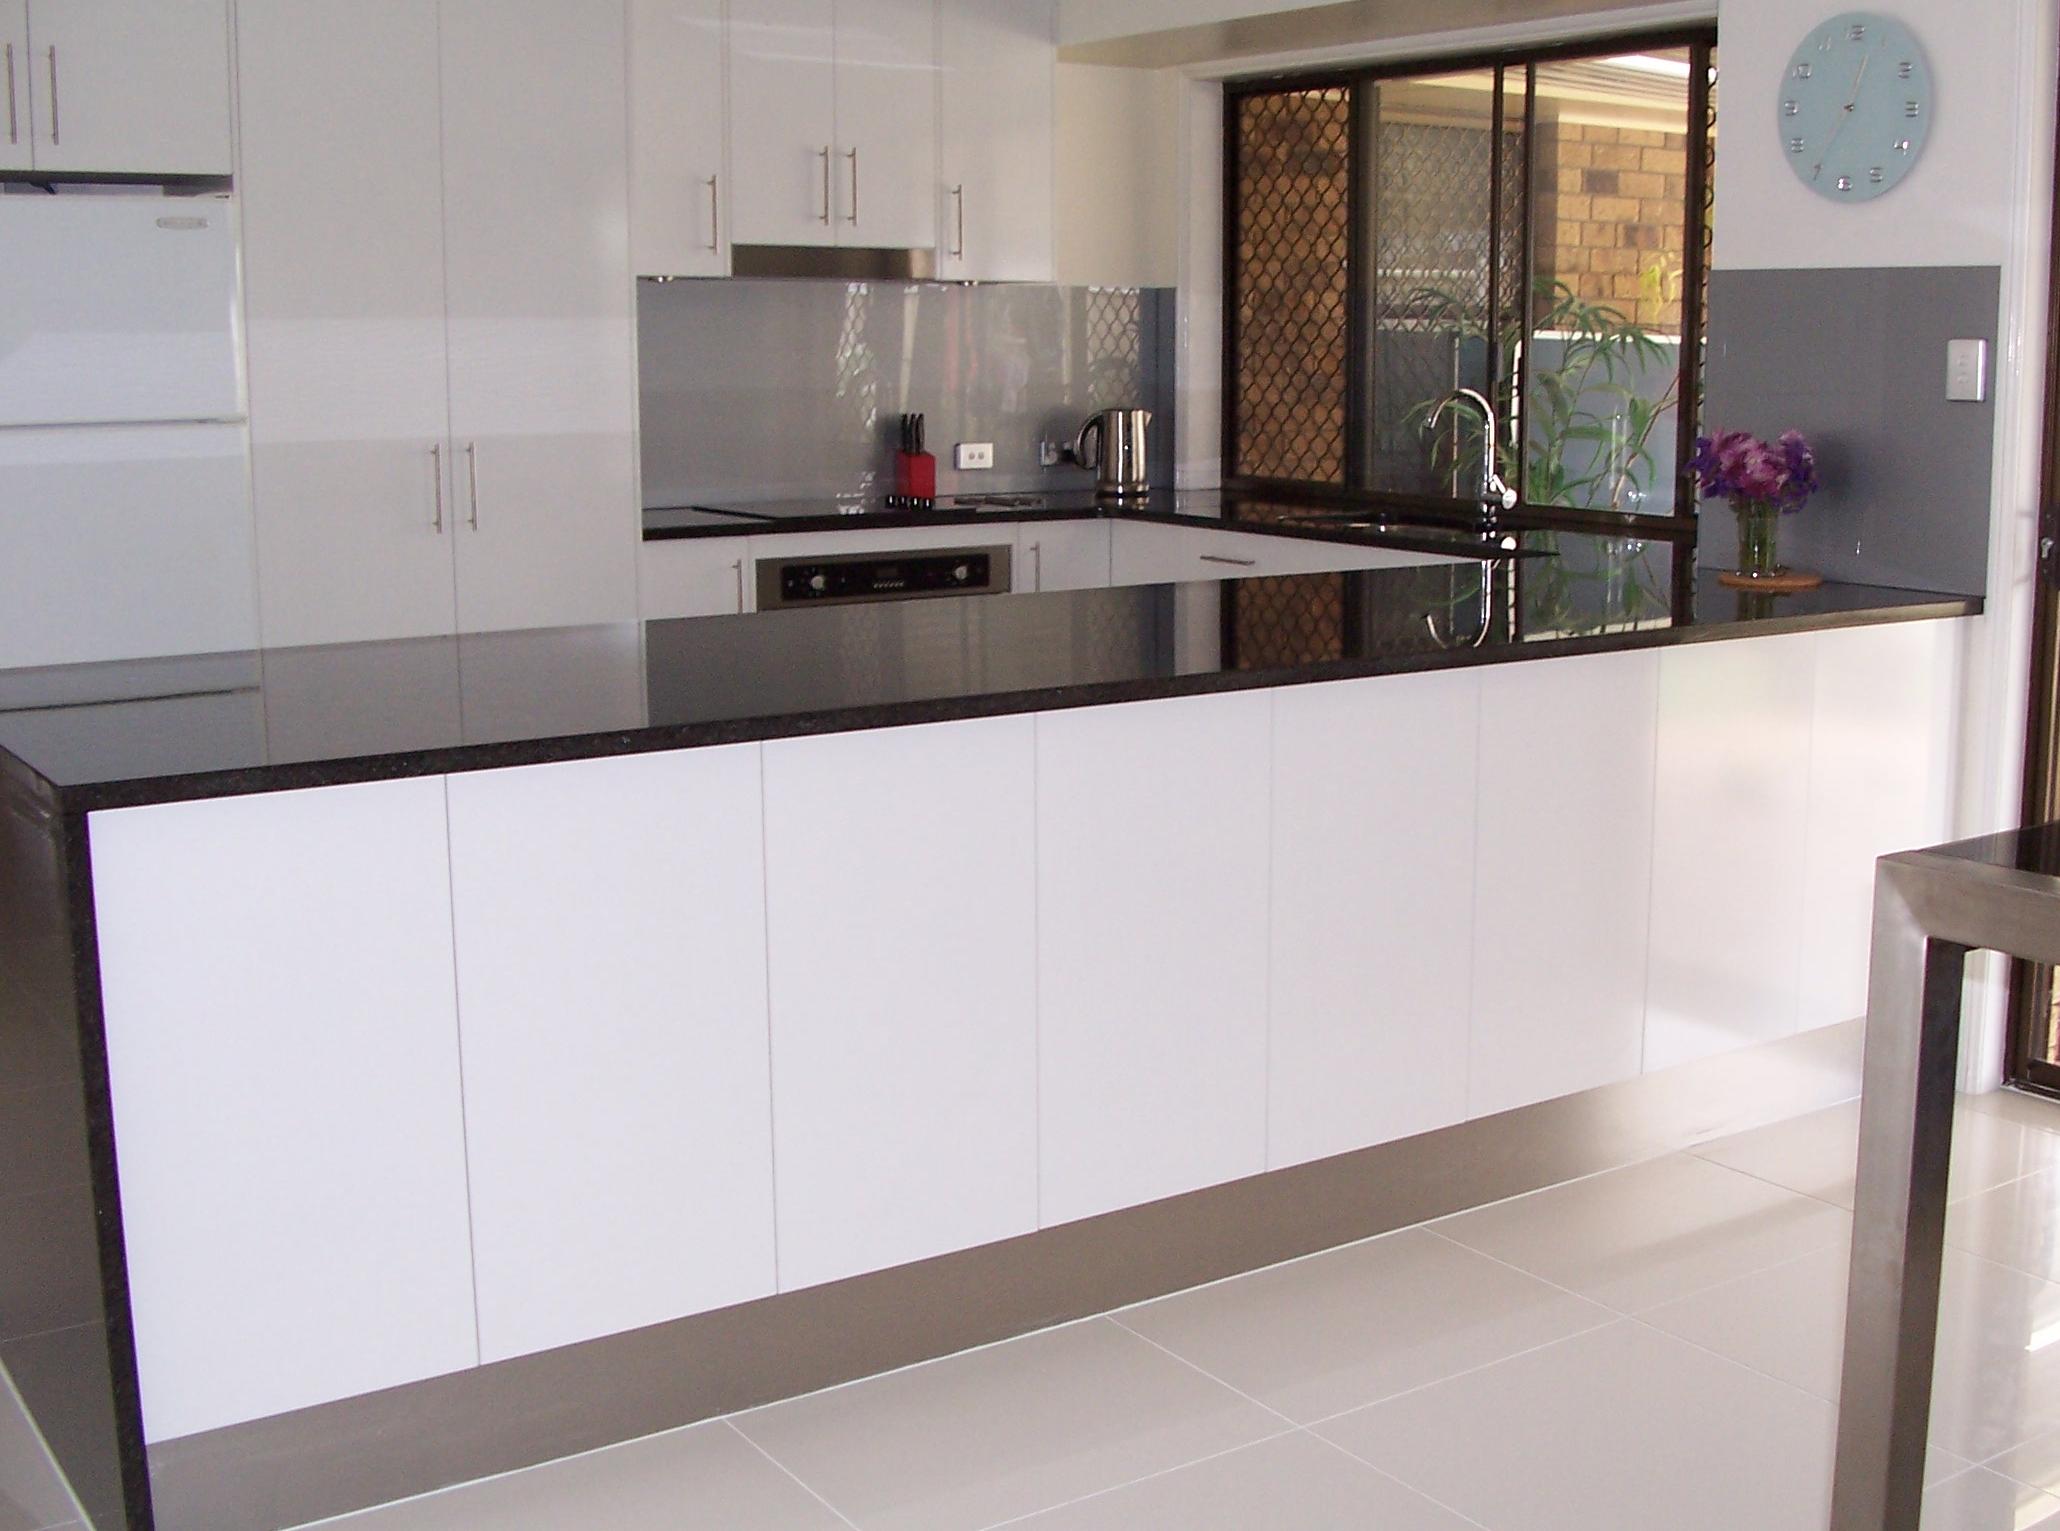 Stone Benchtop Kitchens | K-Jay Kitchens